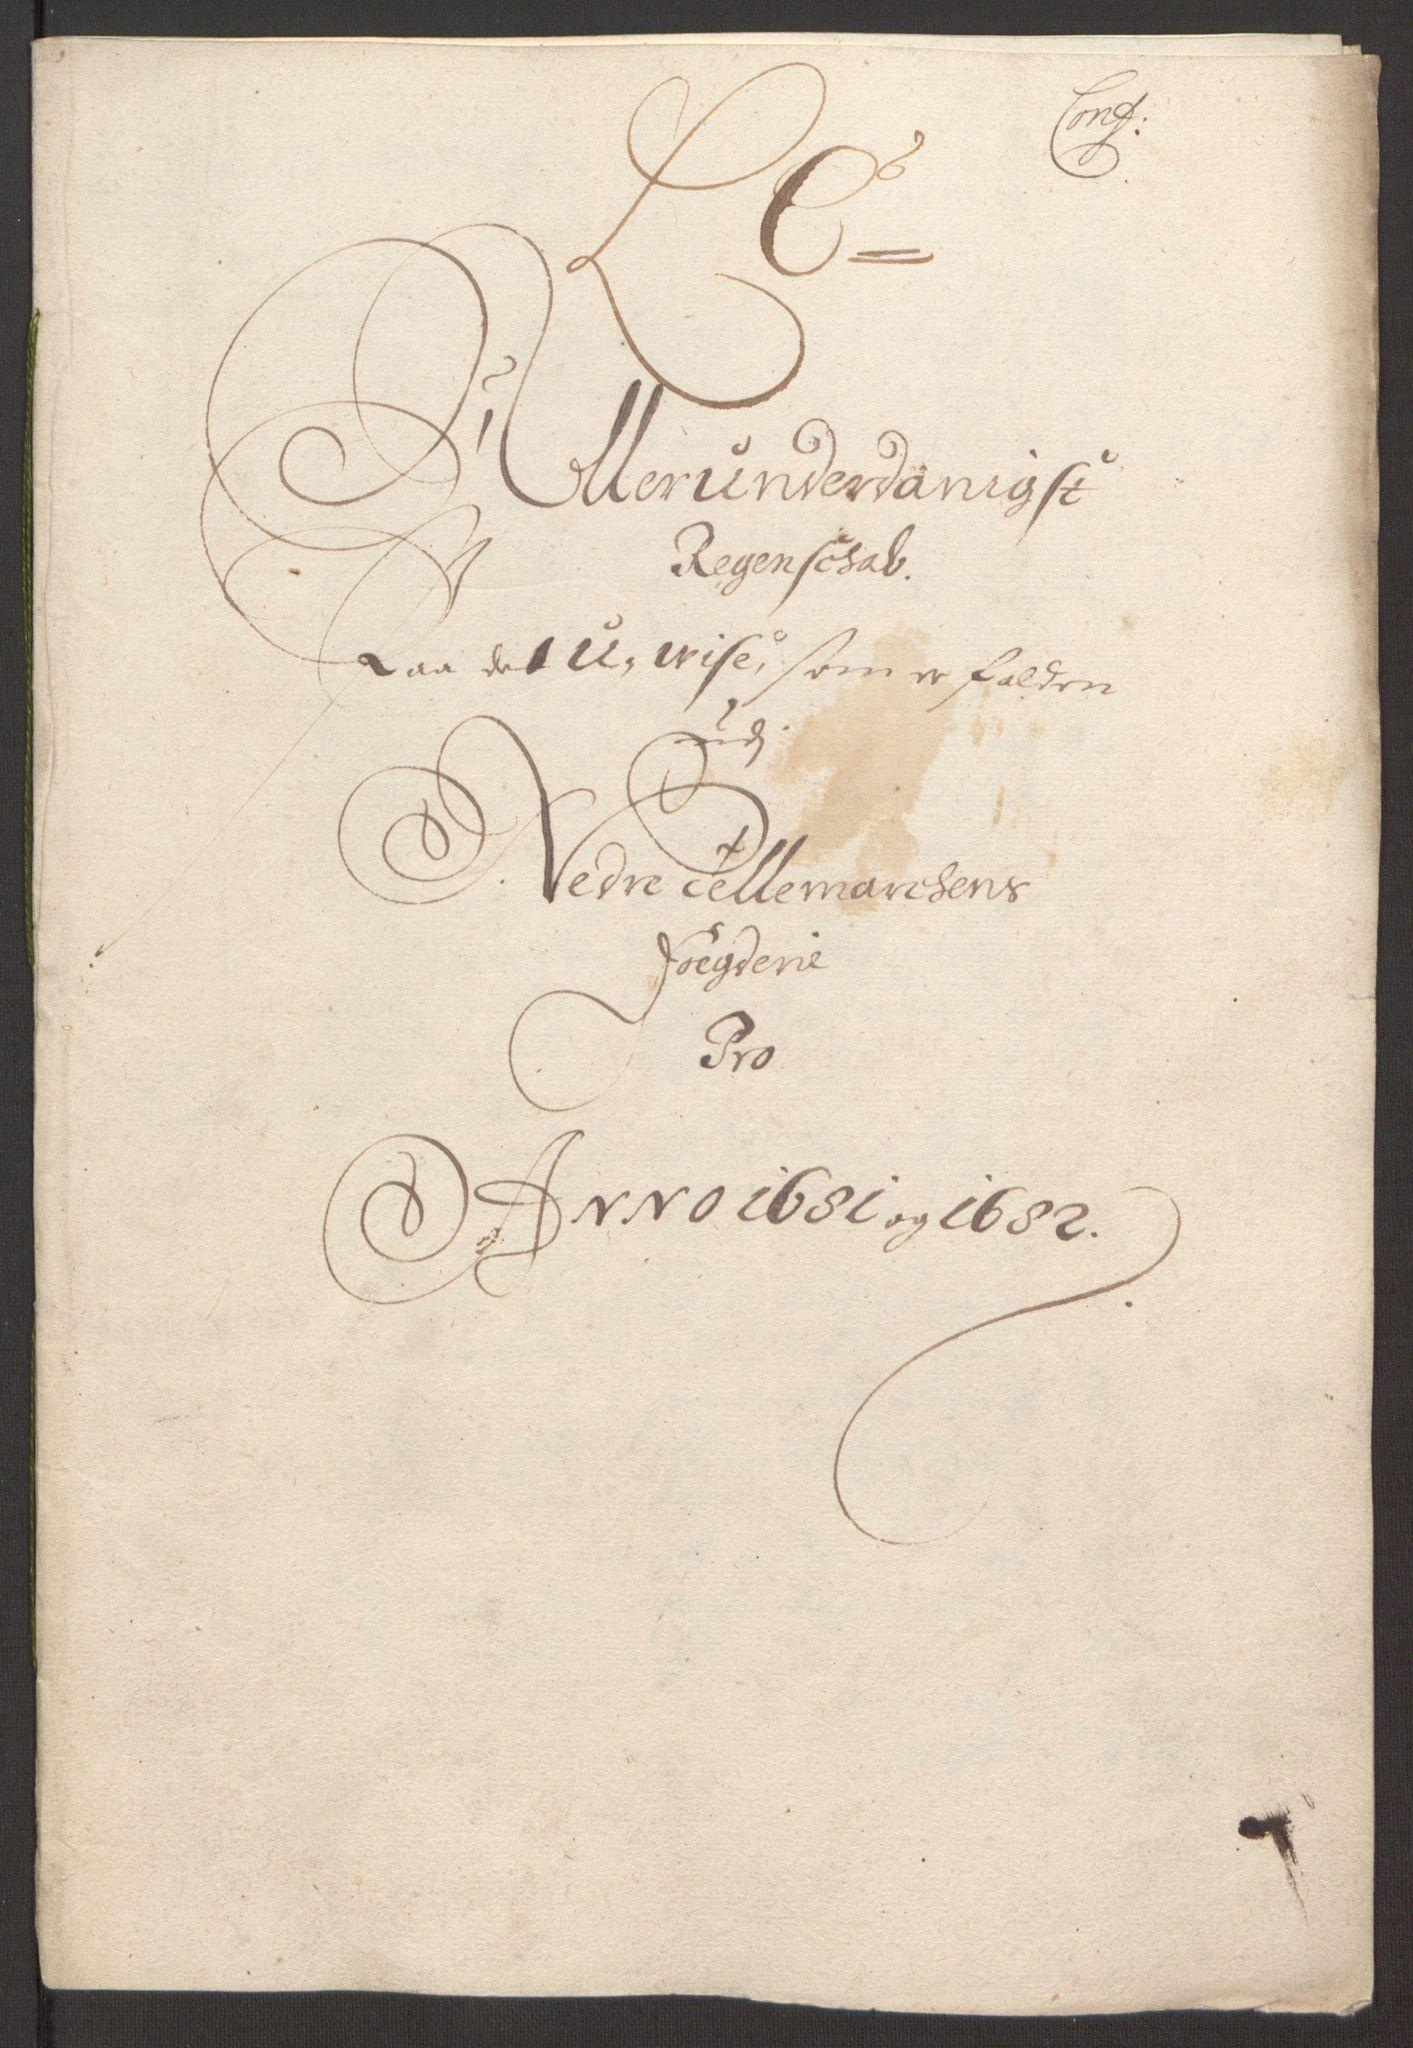 RA, Rentekammeret inntil 1814, Reviderte regnskaper, Fogderegnskap, R35/L2078: Fogderegnskap Øvre og Nedre Telemark, 1680-1684, s. 48